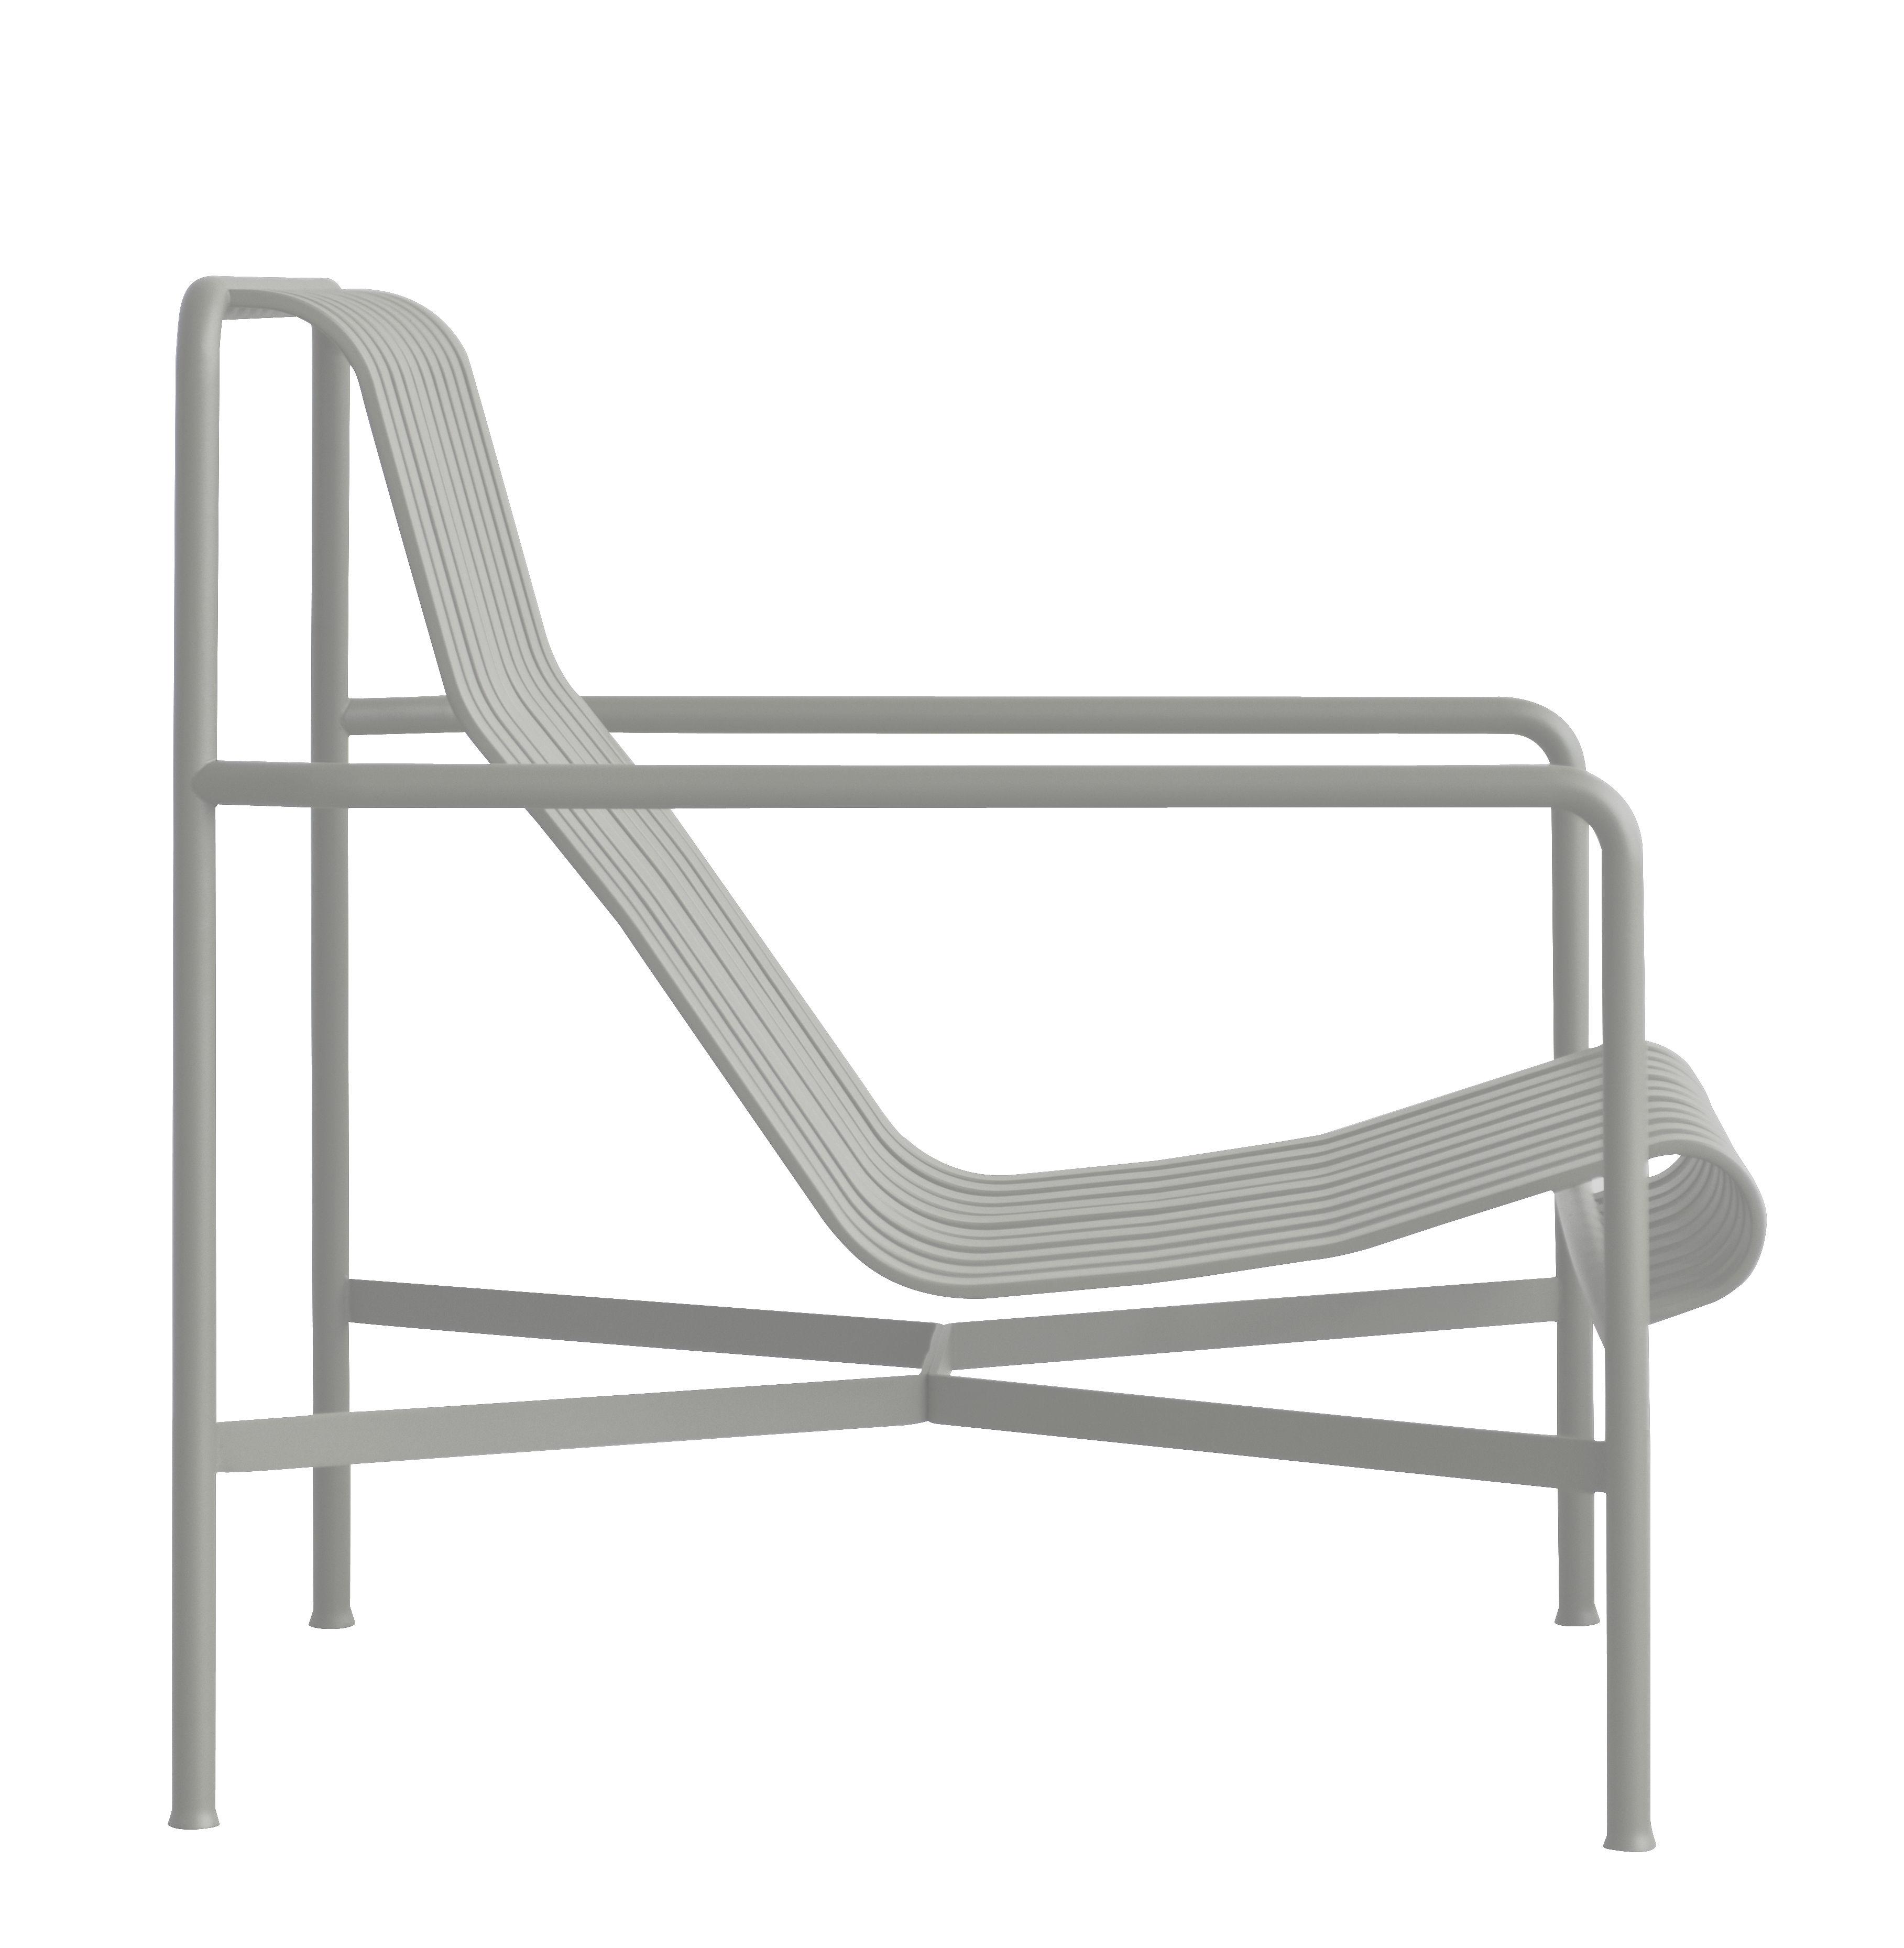 Arredamento - Poltrone design  - Poltrona bassa Palissade / Schienale alto - R & E Bouroullec - Hay - Grigio chiaro - In acciaio elettro- zincato, peinture époxy